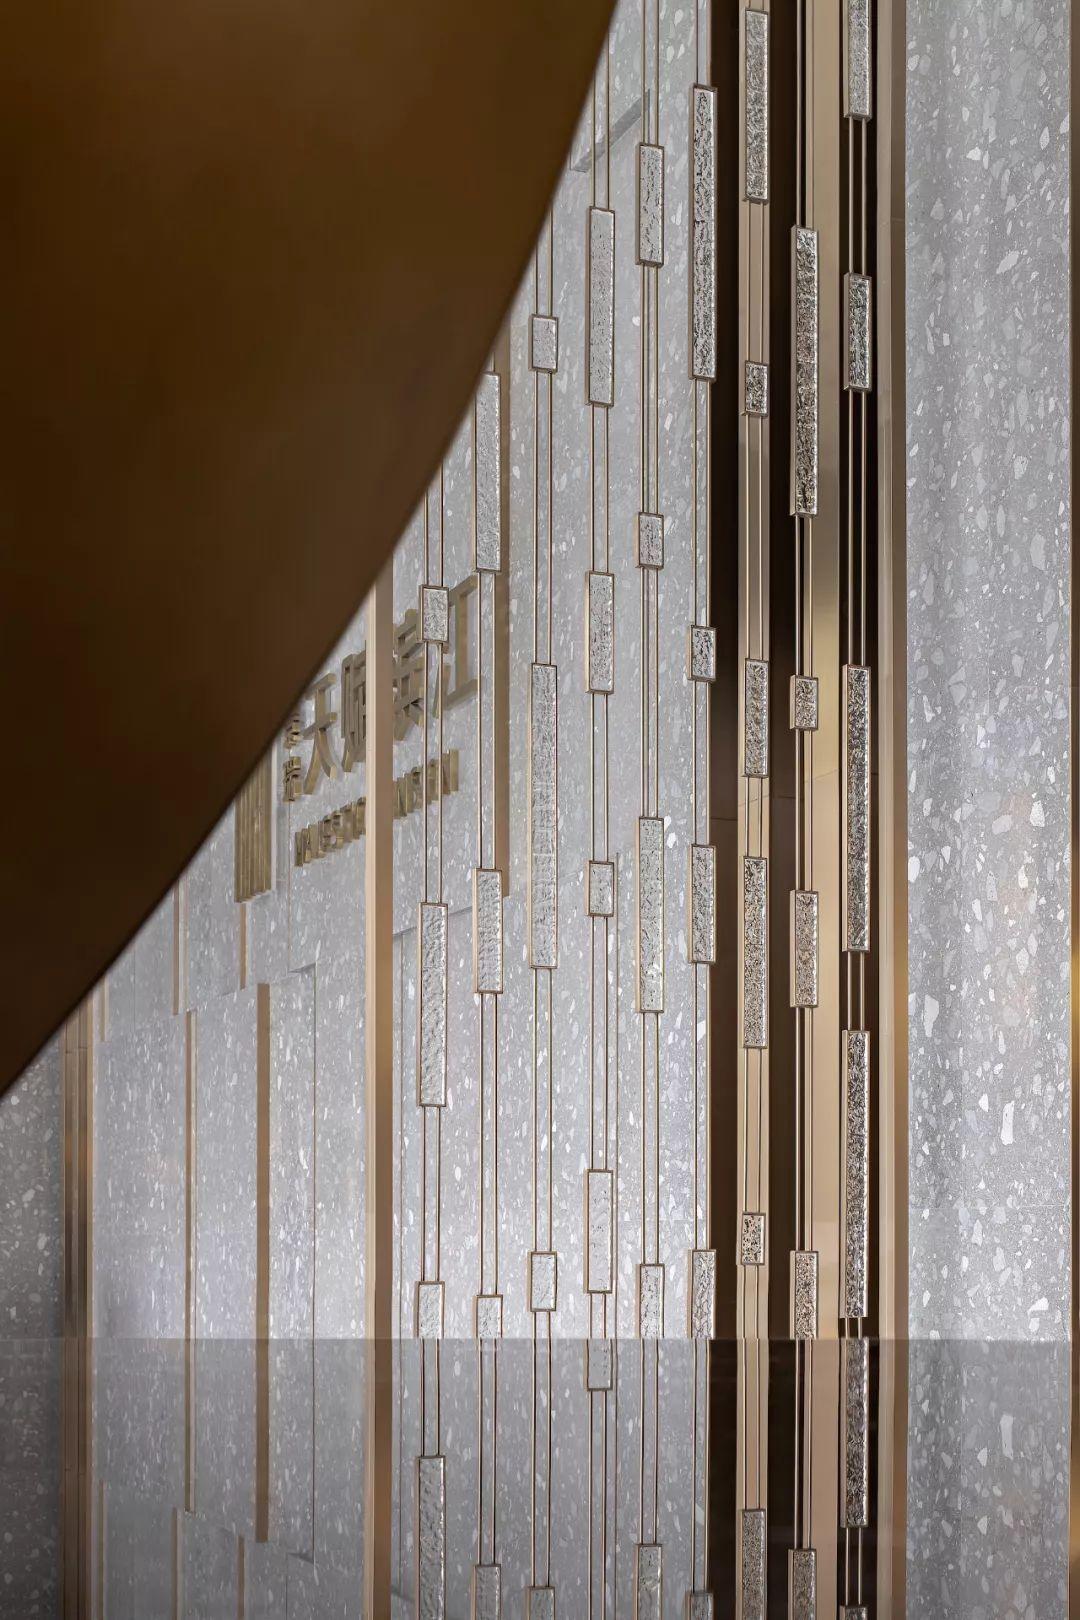 高级灰 水墨石,完美融合设计的简和艺术的雅 INNEST意巢设计